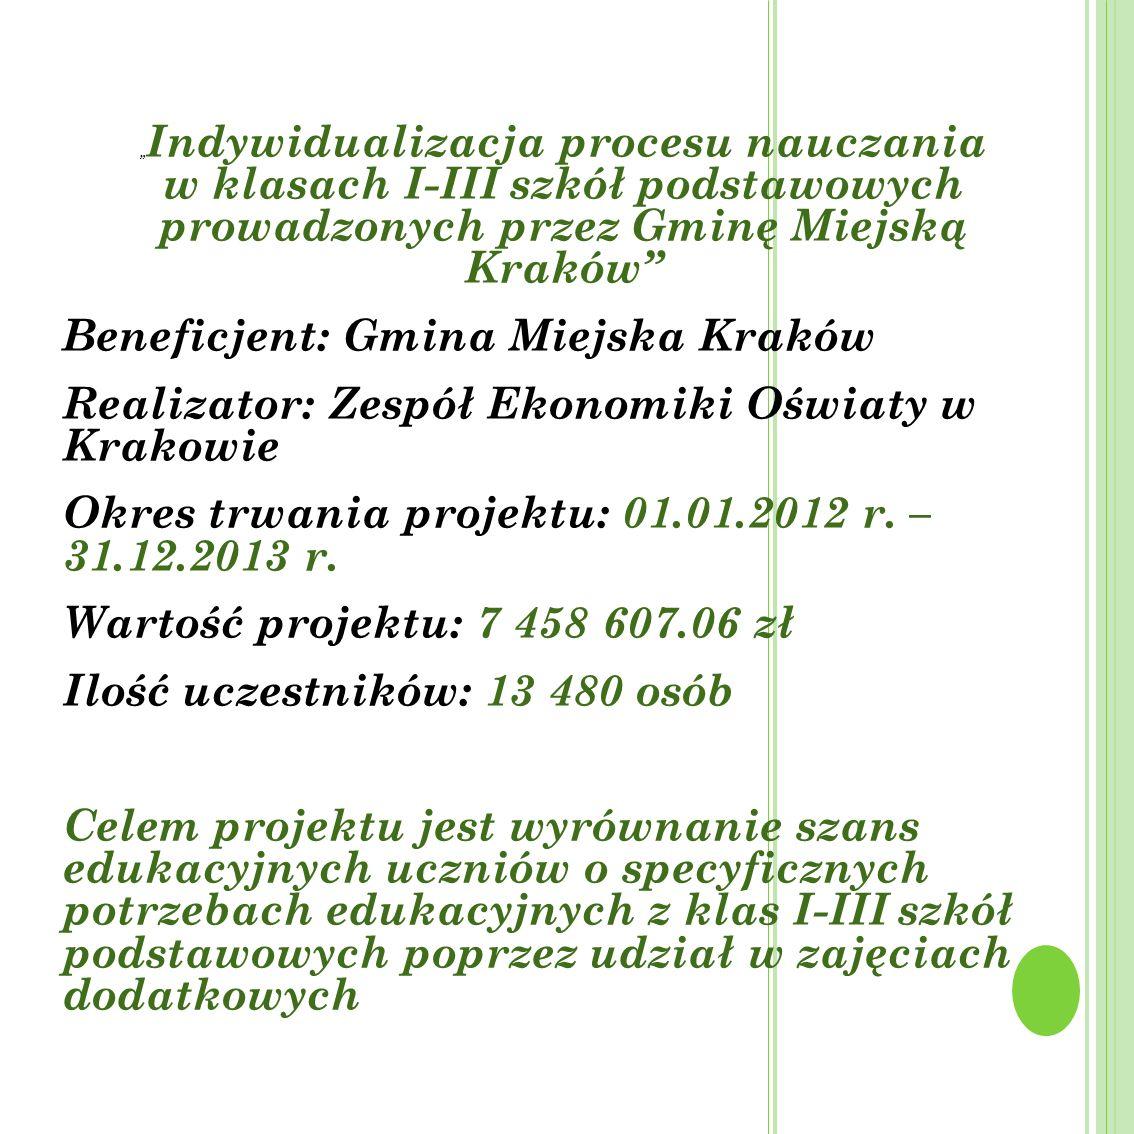 Indywidualizacja procesu nauczania w klasach I-III szkół podstawowych prowadzonych przez Gminę Miejską Kraków Beneficjent: Gmina Miejska Kraków Realiz